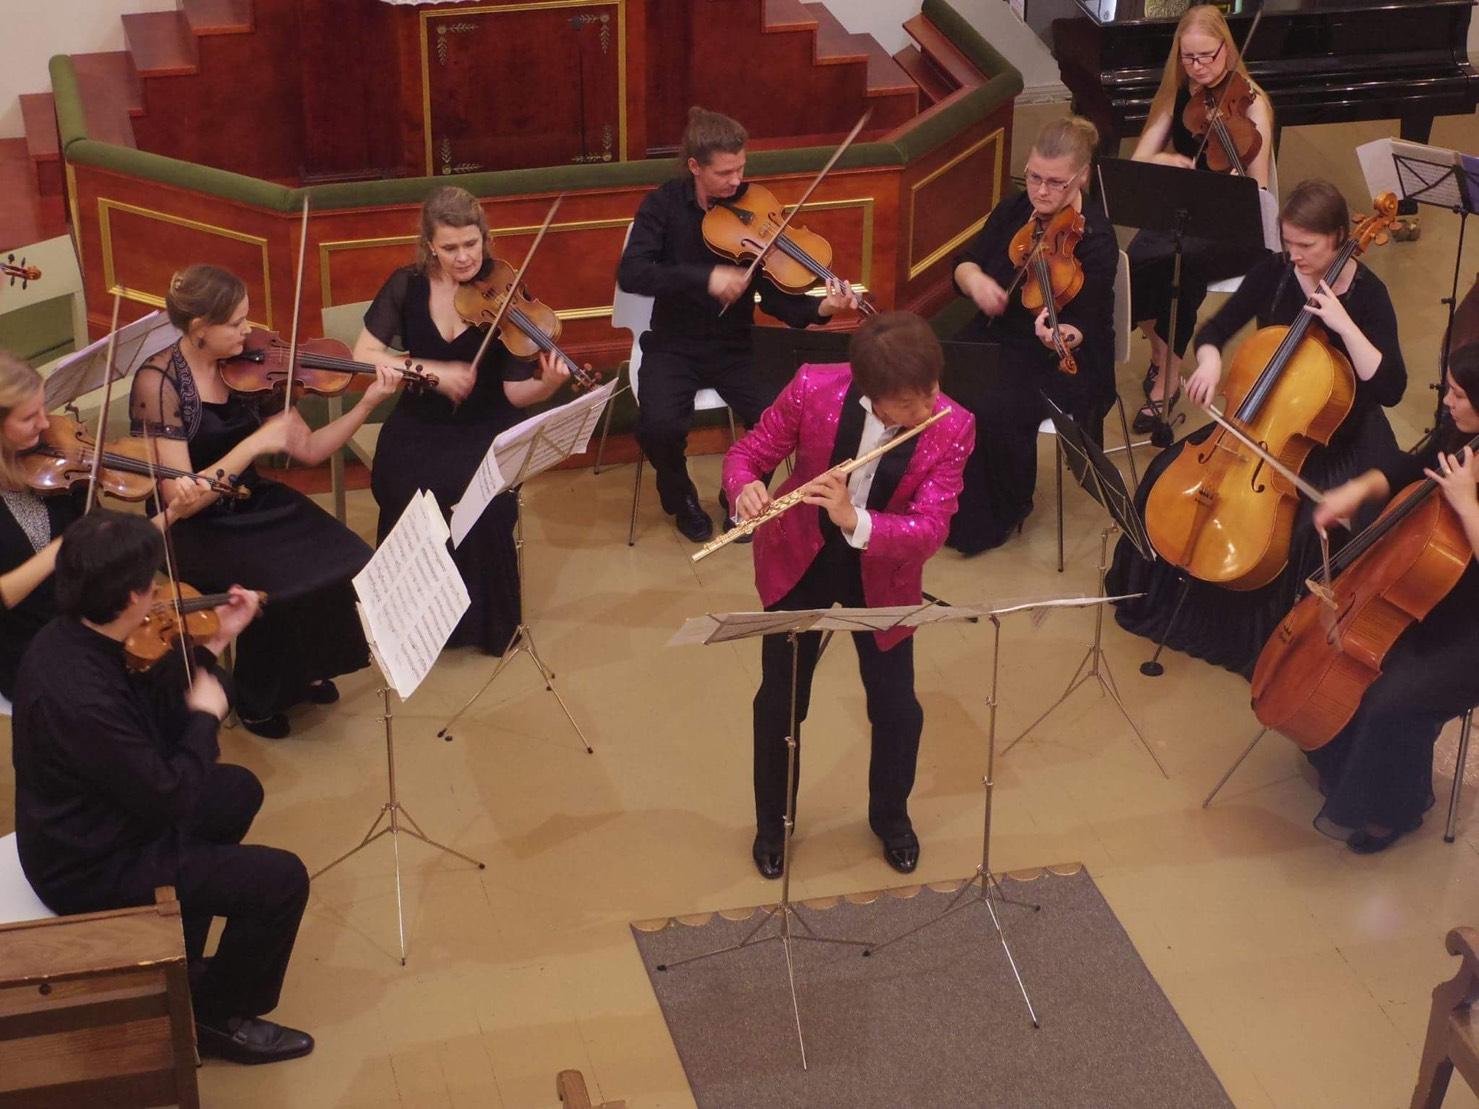 ラ・テンペスタ室内管弦楽団演奏会 本番の様子